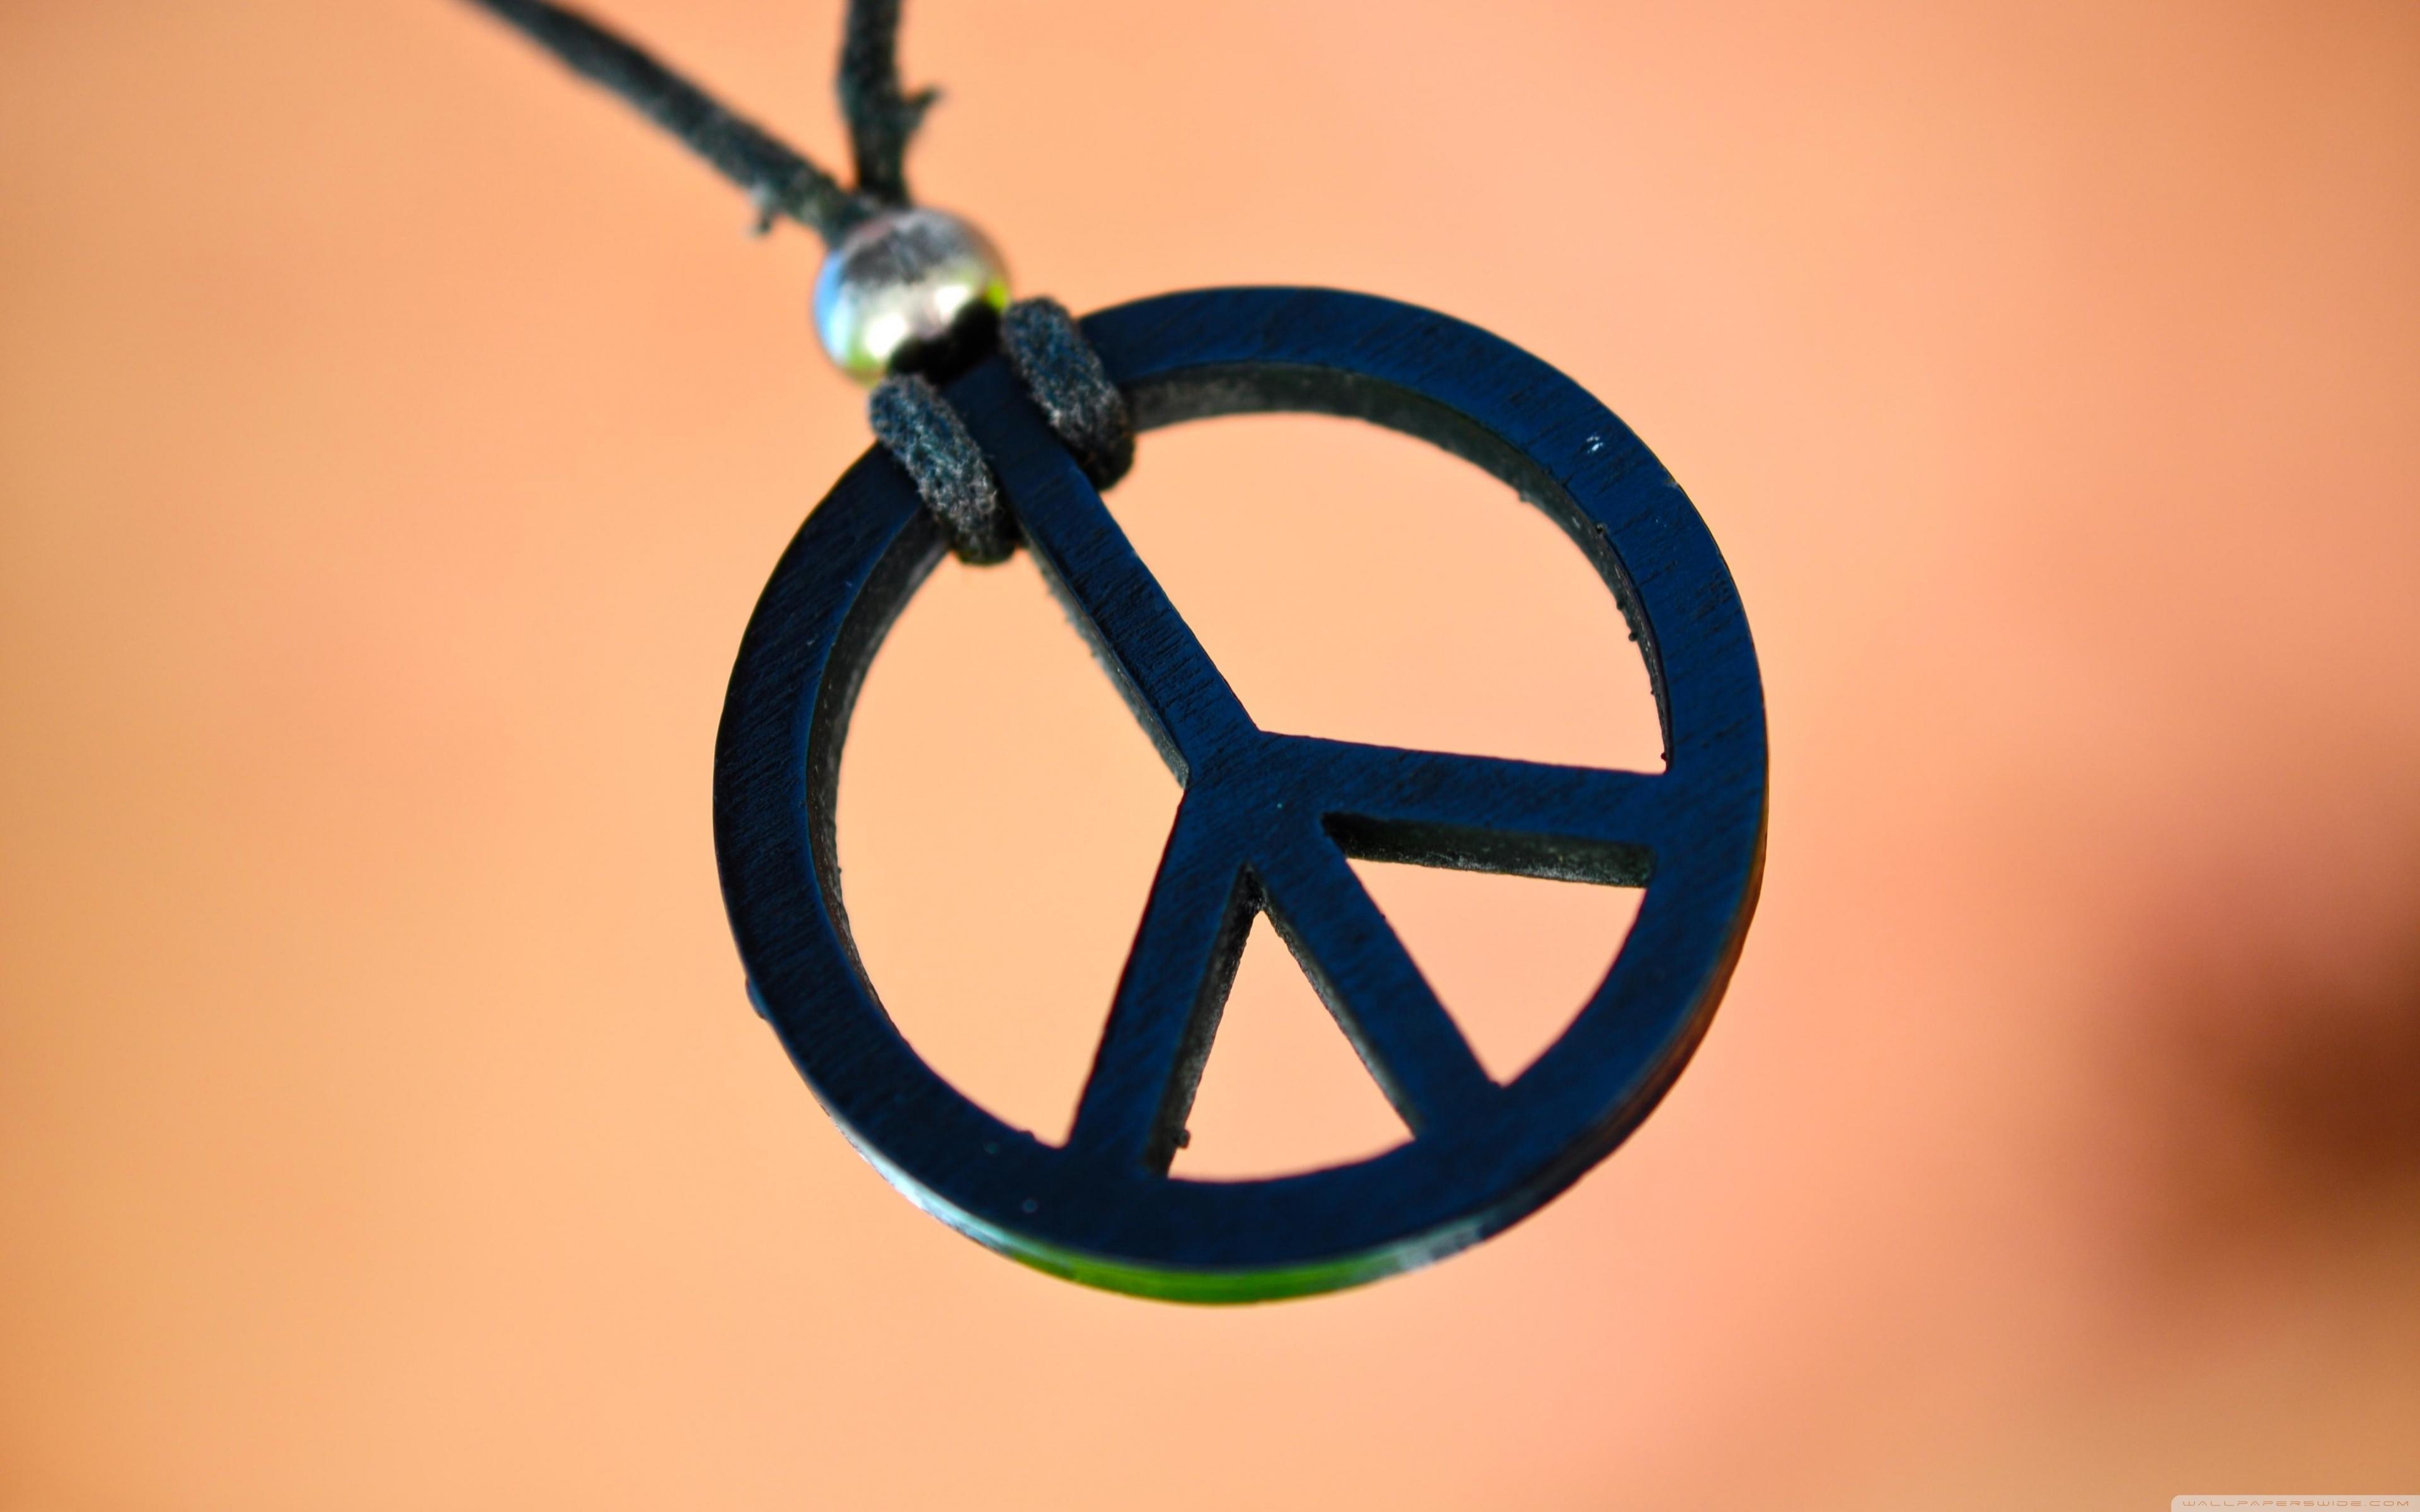 peace and love ❤ 4k hd desktop wallpaper for 4k ultra hd tv • wide